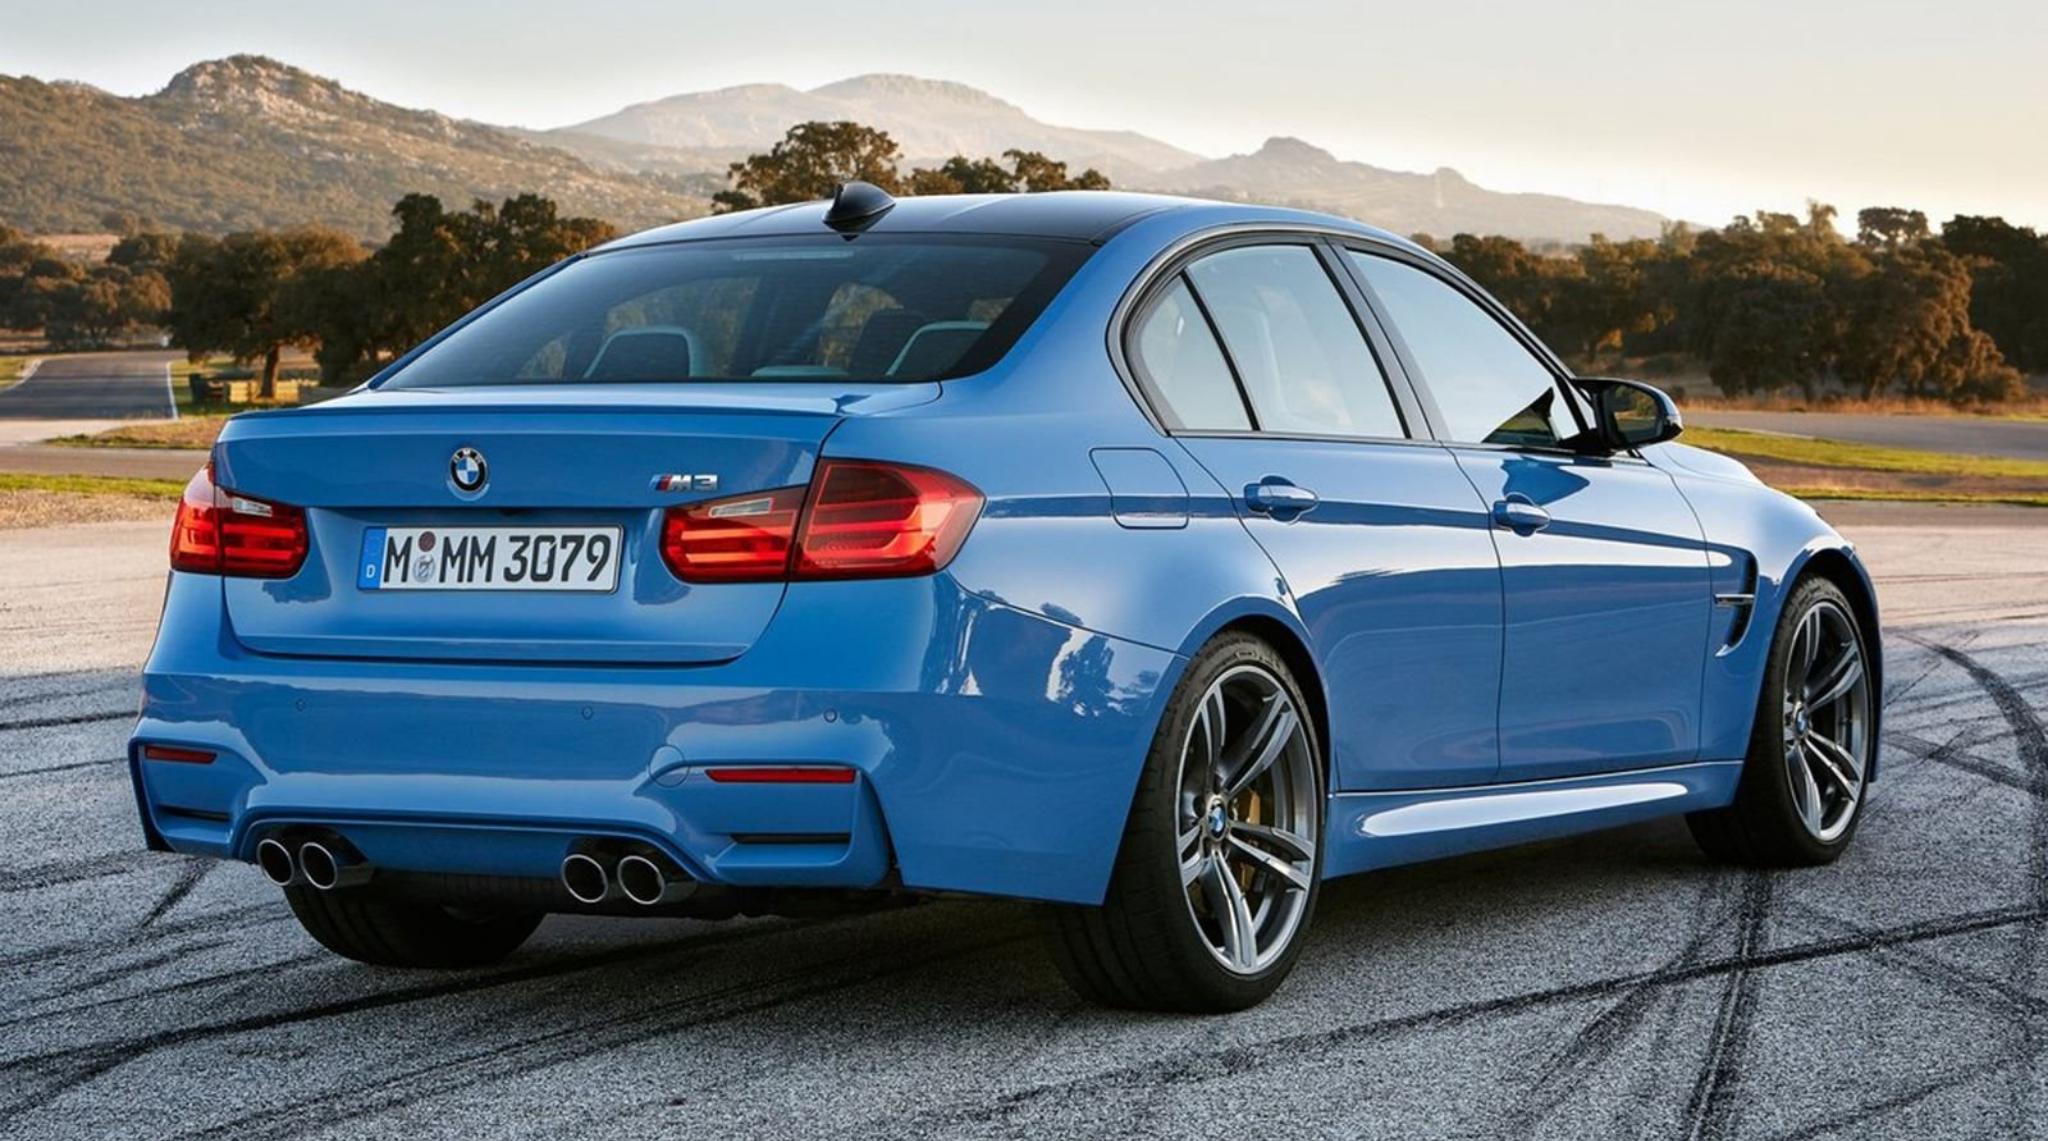 BMW M3 F80 2014 to 2018 Rear